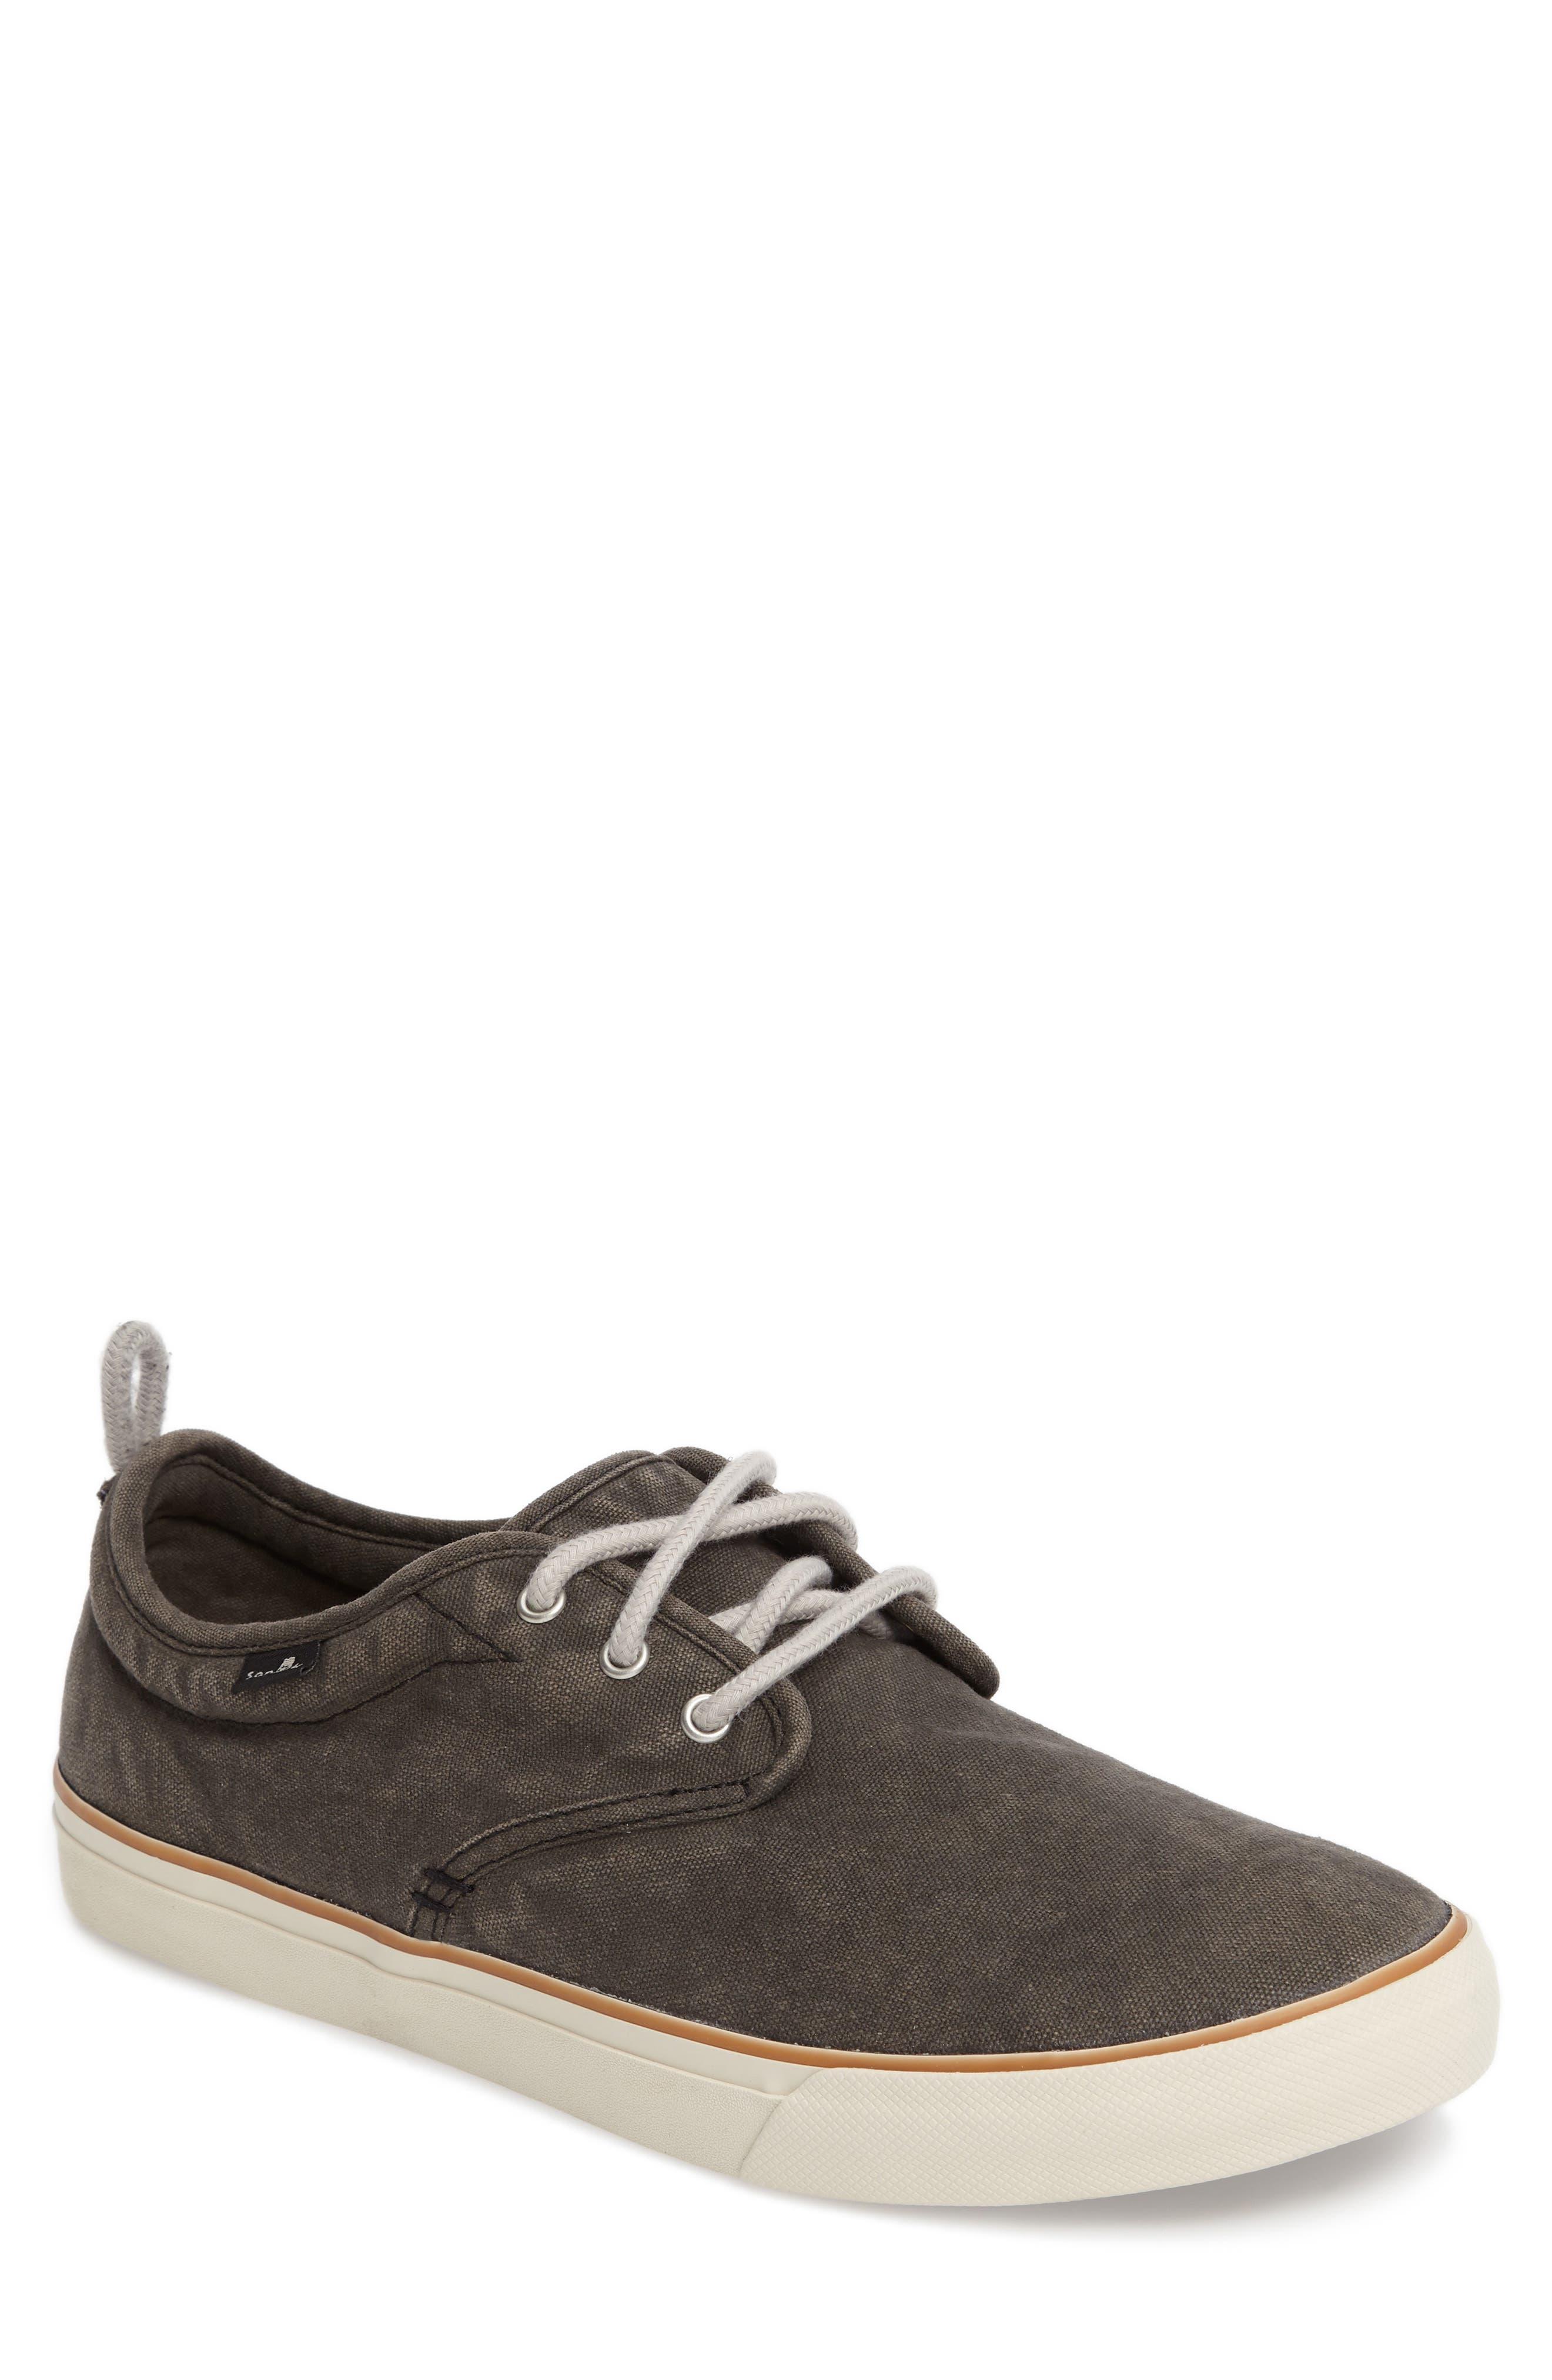 Guide Plus Sneaker,                         Main,                         color, 006